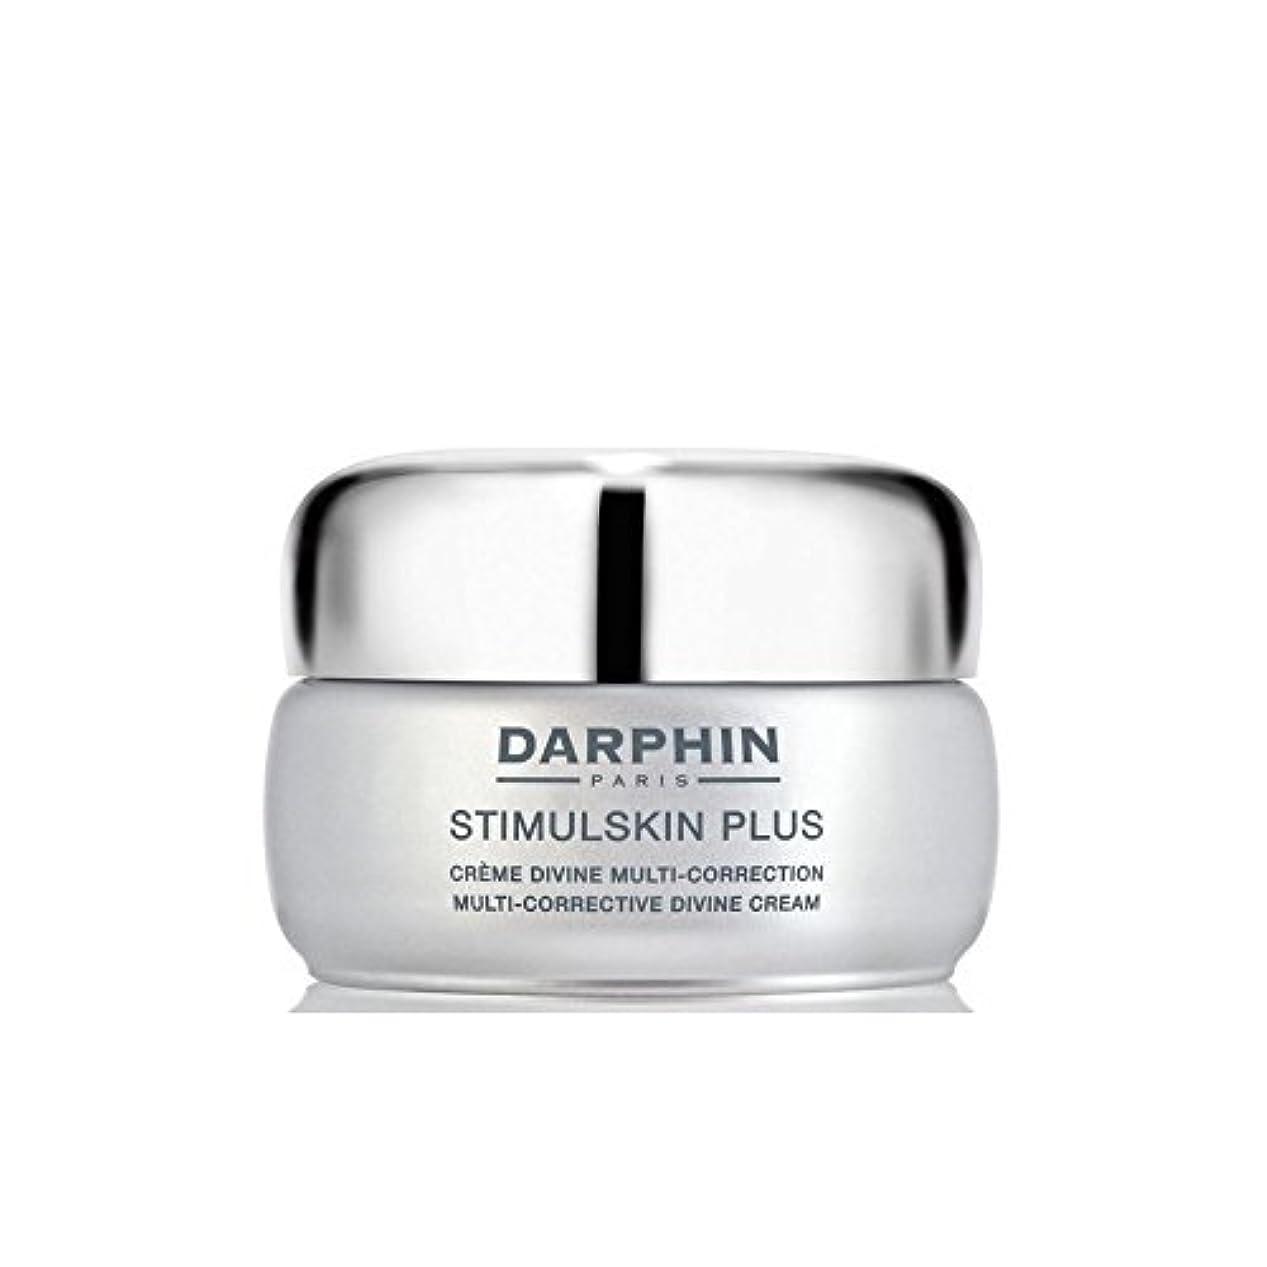 めるやけど囲いダルファンスティプラスマルチ是正神クリーム - 豊富 x2 - Darphin Stimulskin Plus Multi-Corrective Divine Cream - Rich (Pack of 2) [並行輸入品]